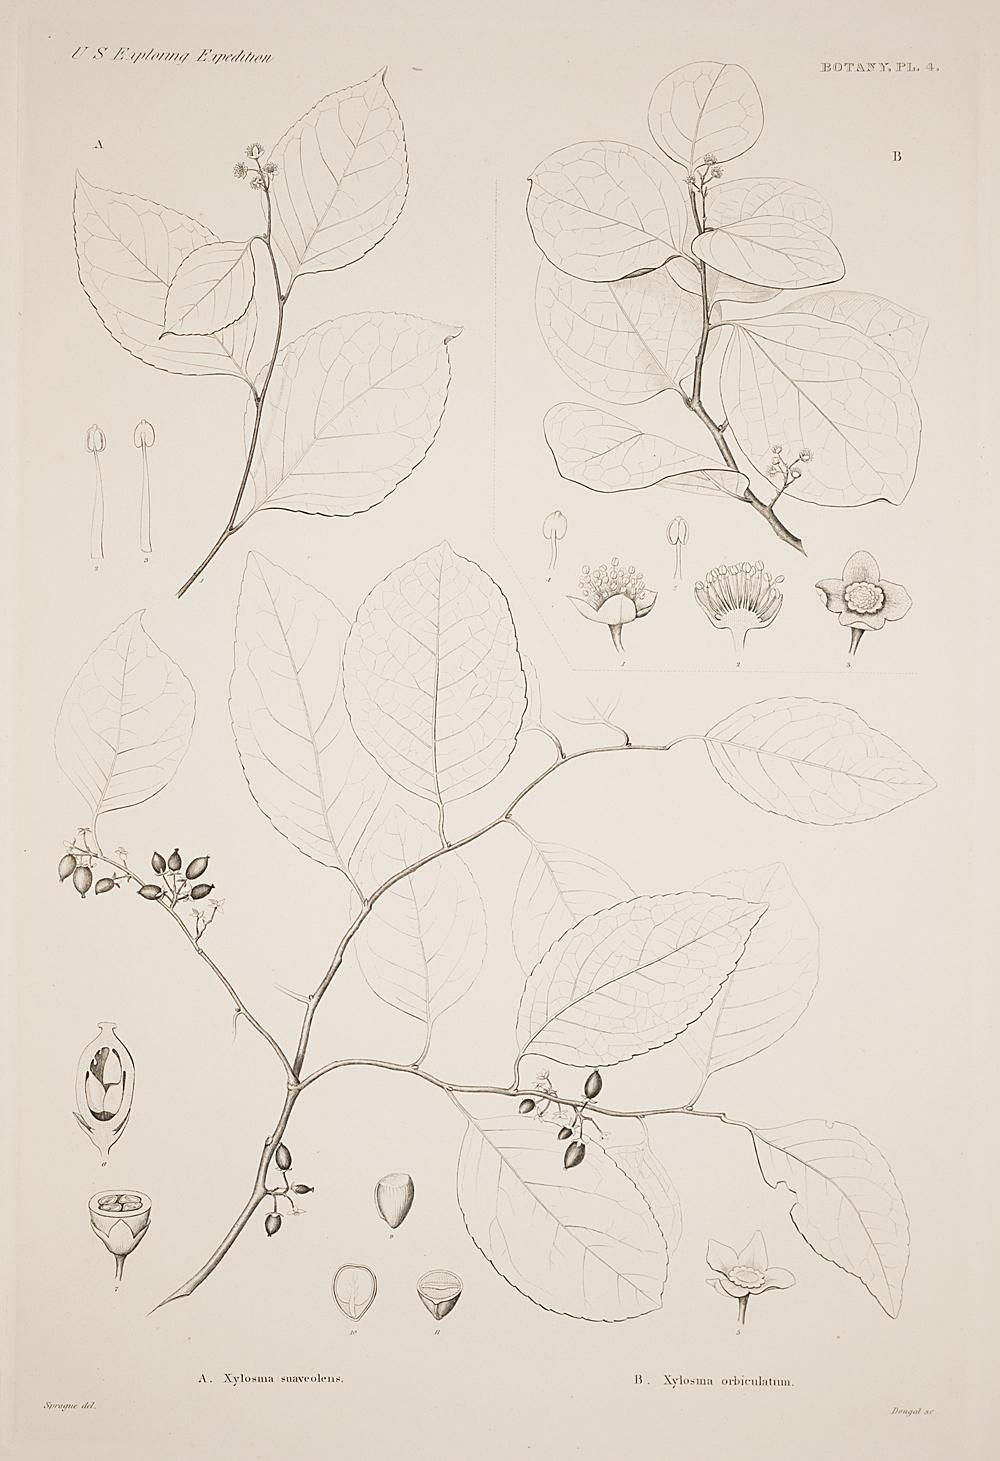 Botany, Pl. 4,  Image number:sil19-23-019b